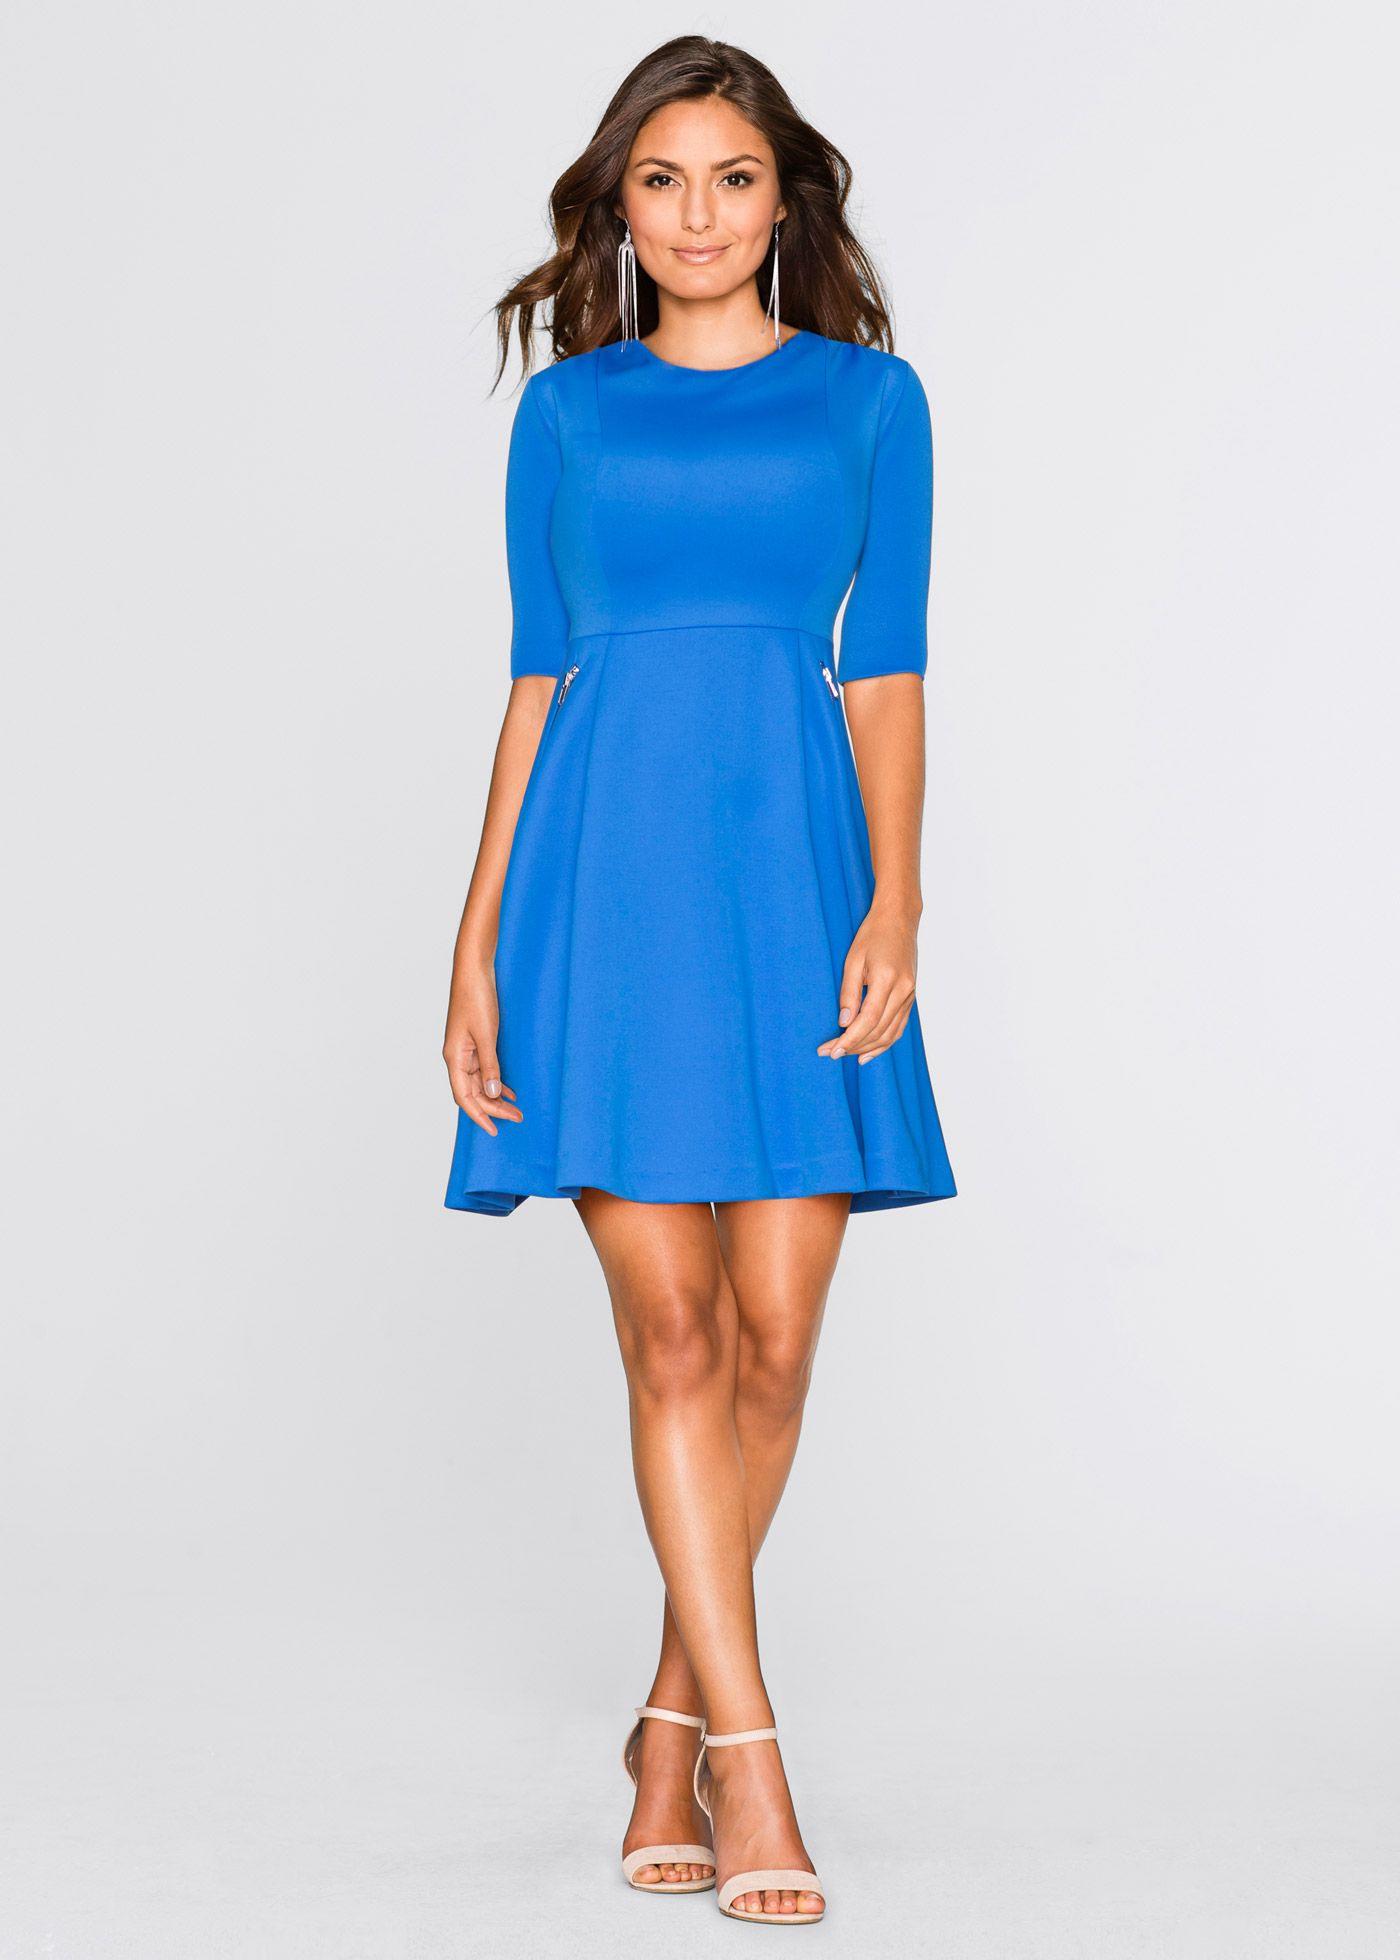 Scubakleid Bodyflirt Azurblau  Frauen Outfits Kleider